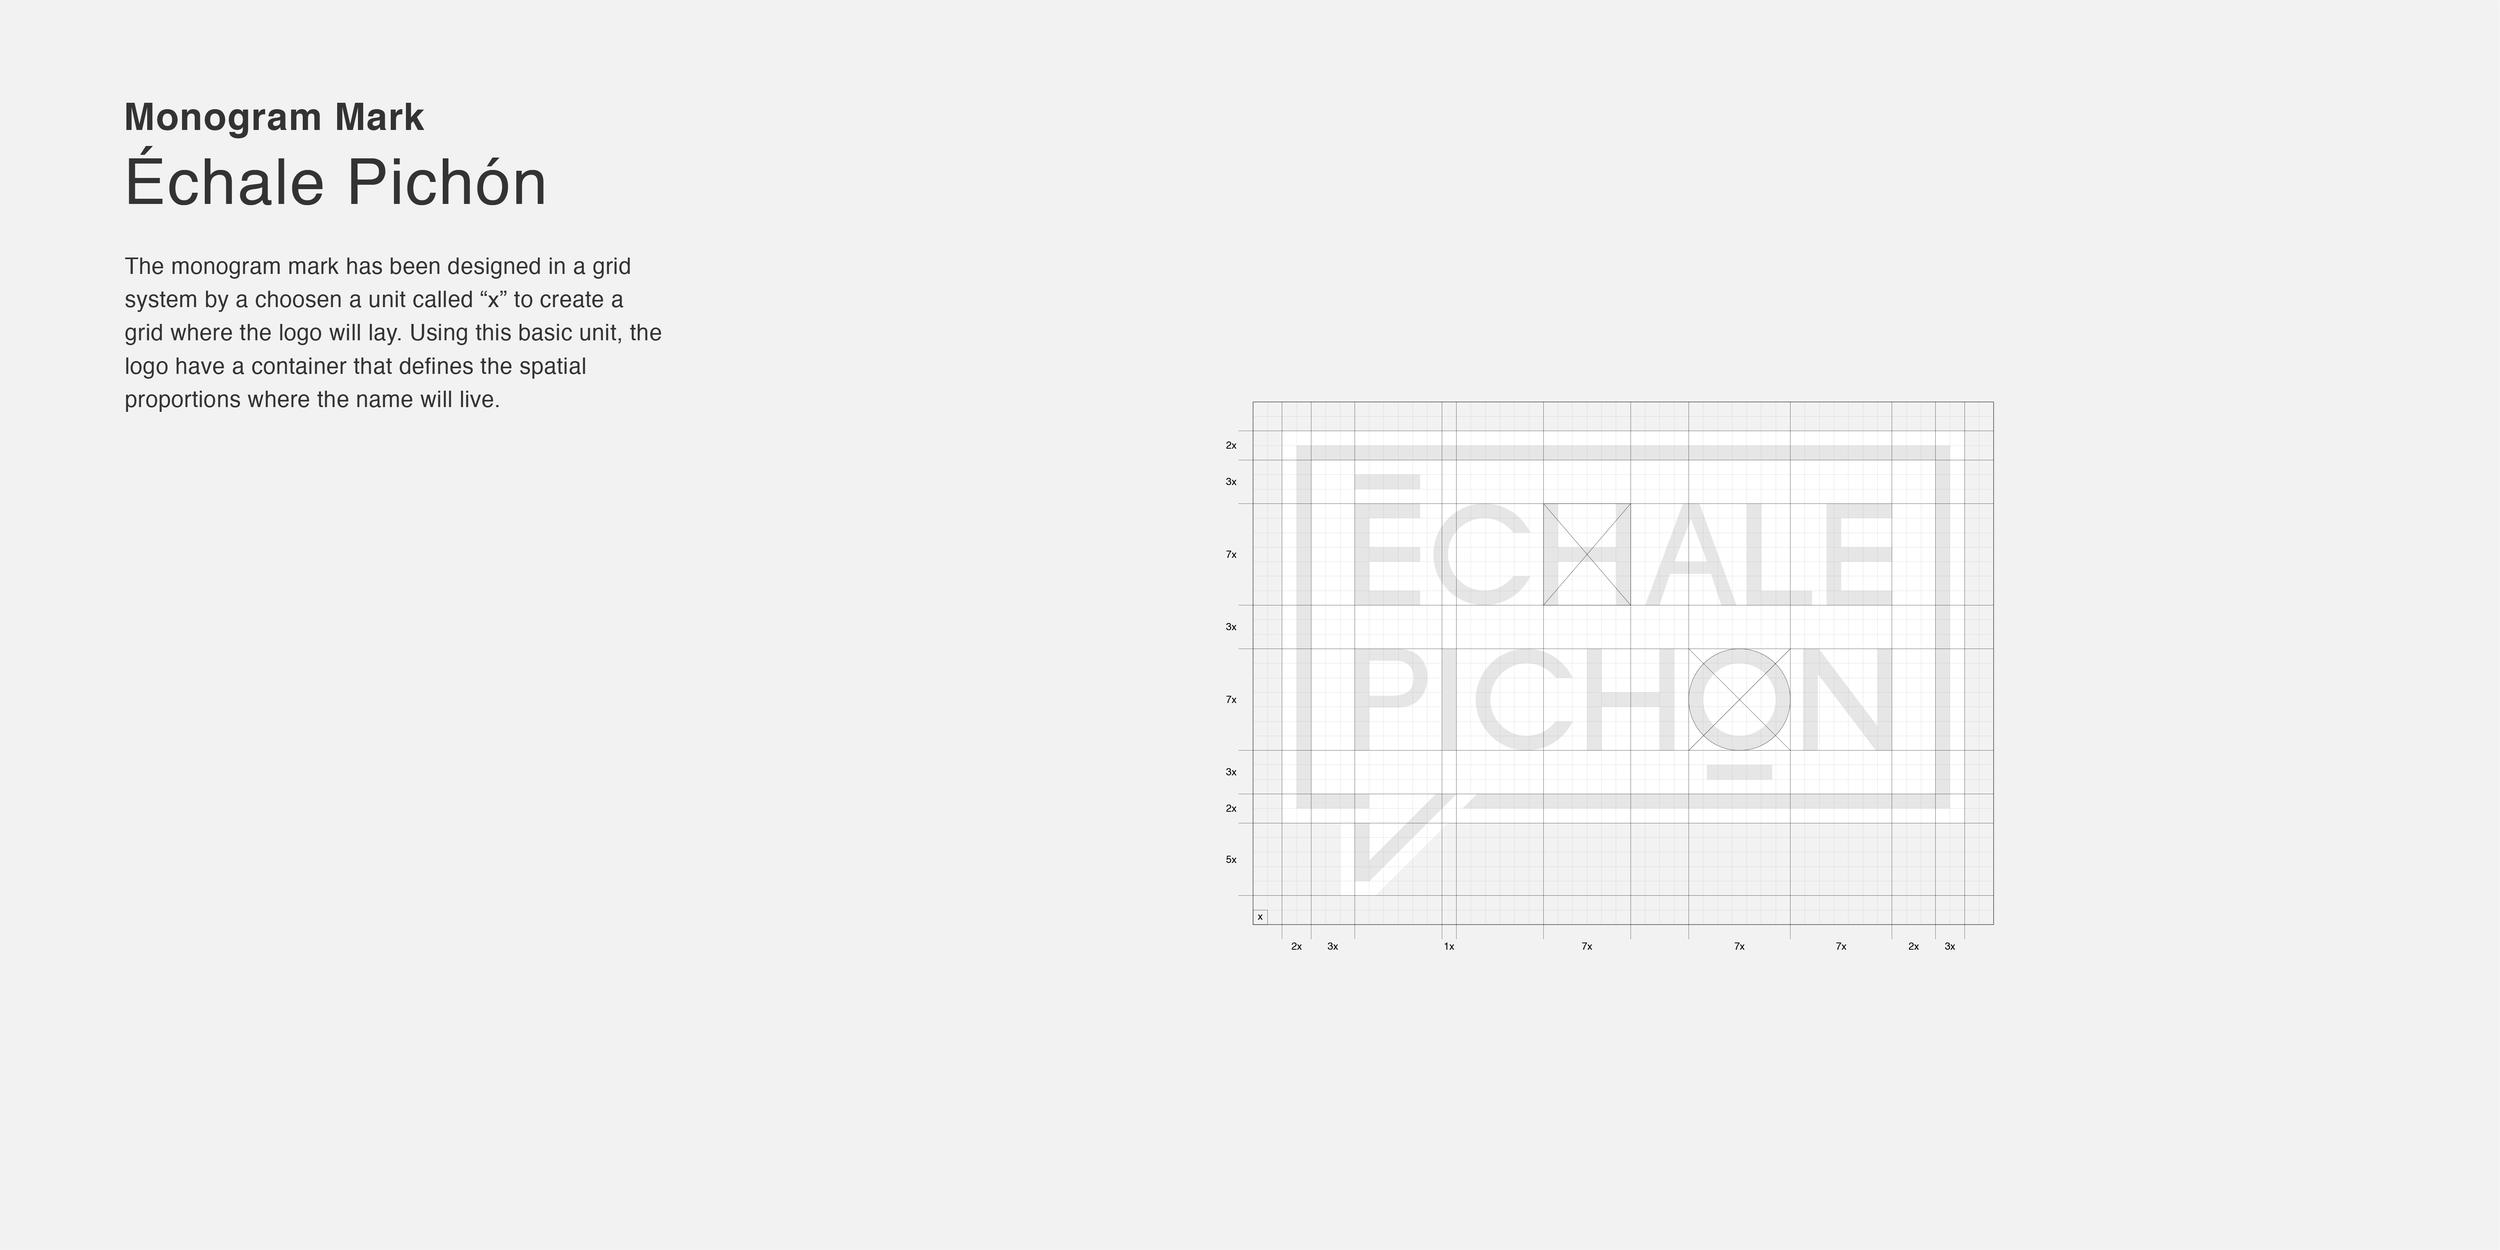 echale-pichon-04.png